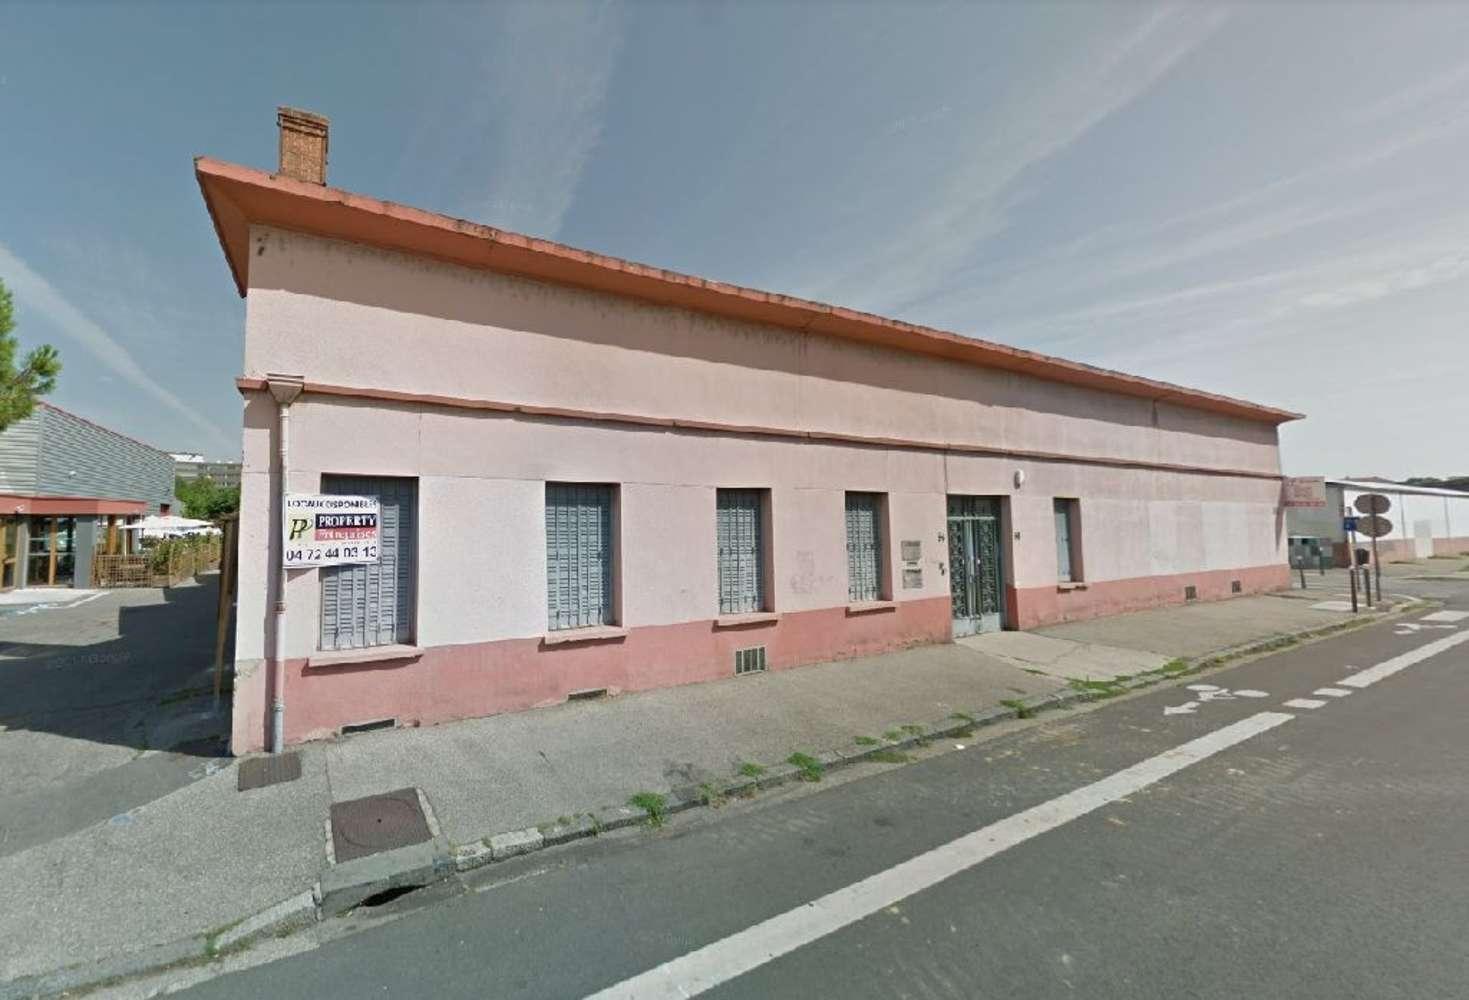 Activités/entrepôt Villeurbanne, 69100 - Entrepot à vendre Villeurbanne / Lyon - 9912417